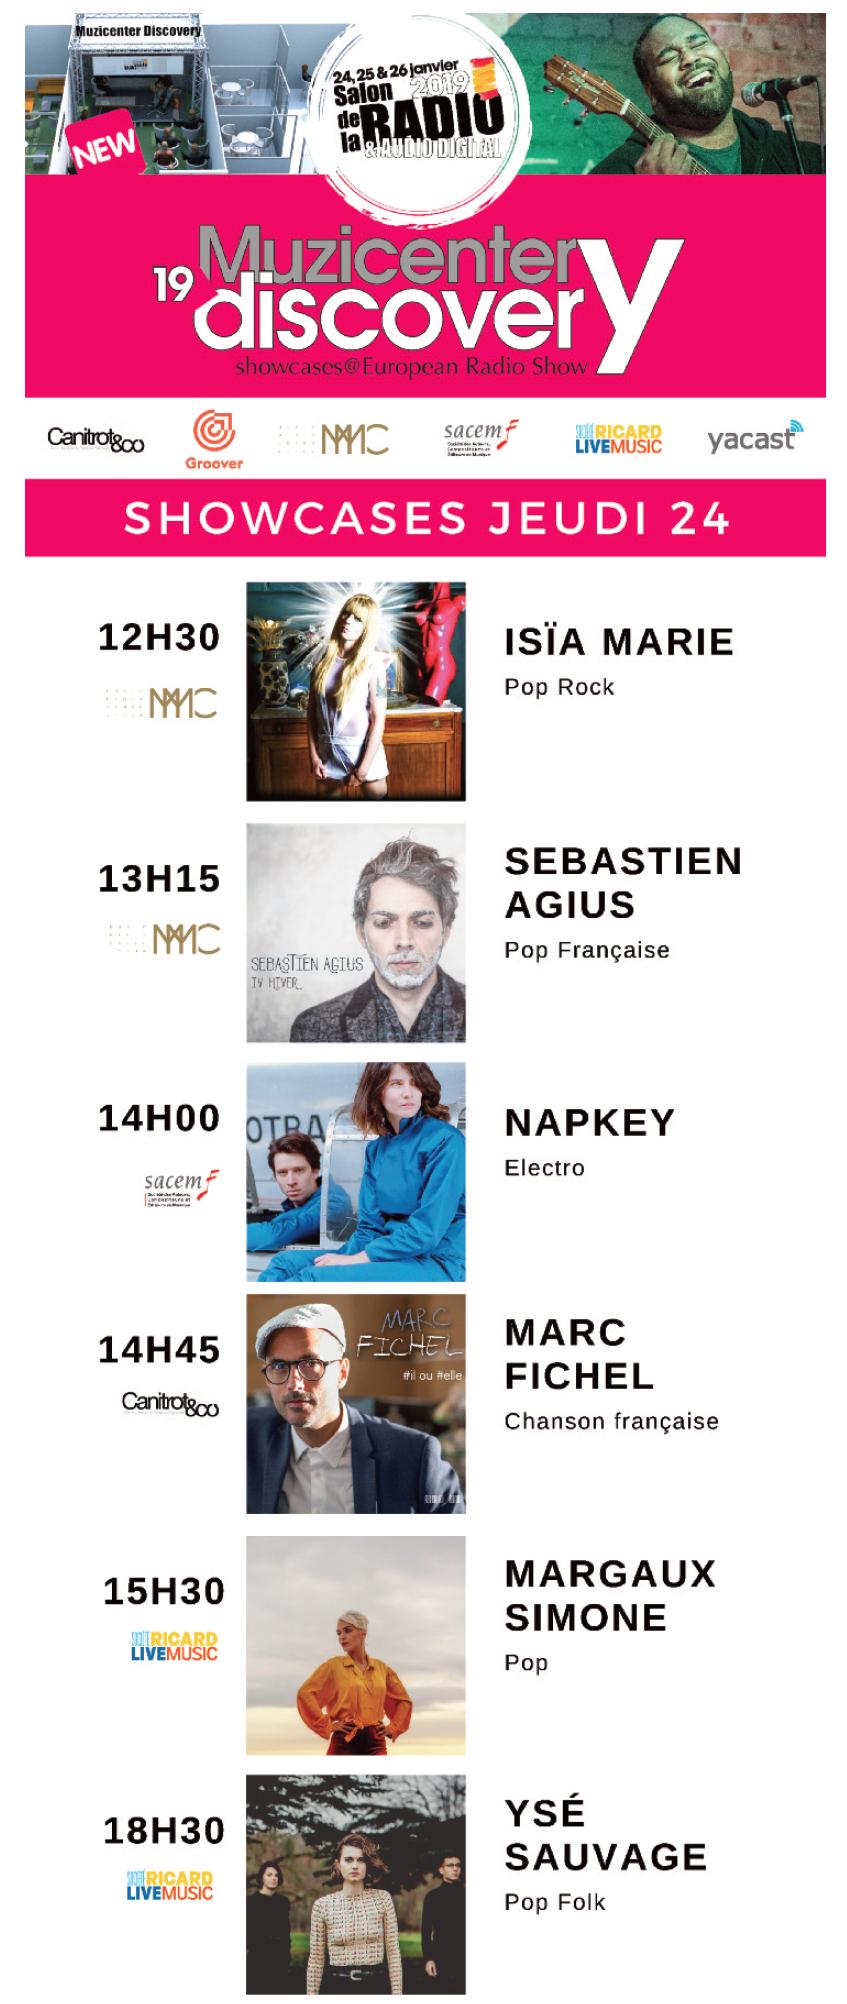 Quinze showcases au Salon de la Radio